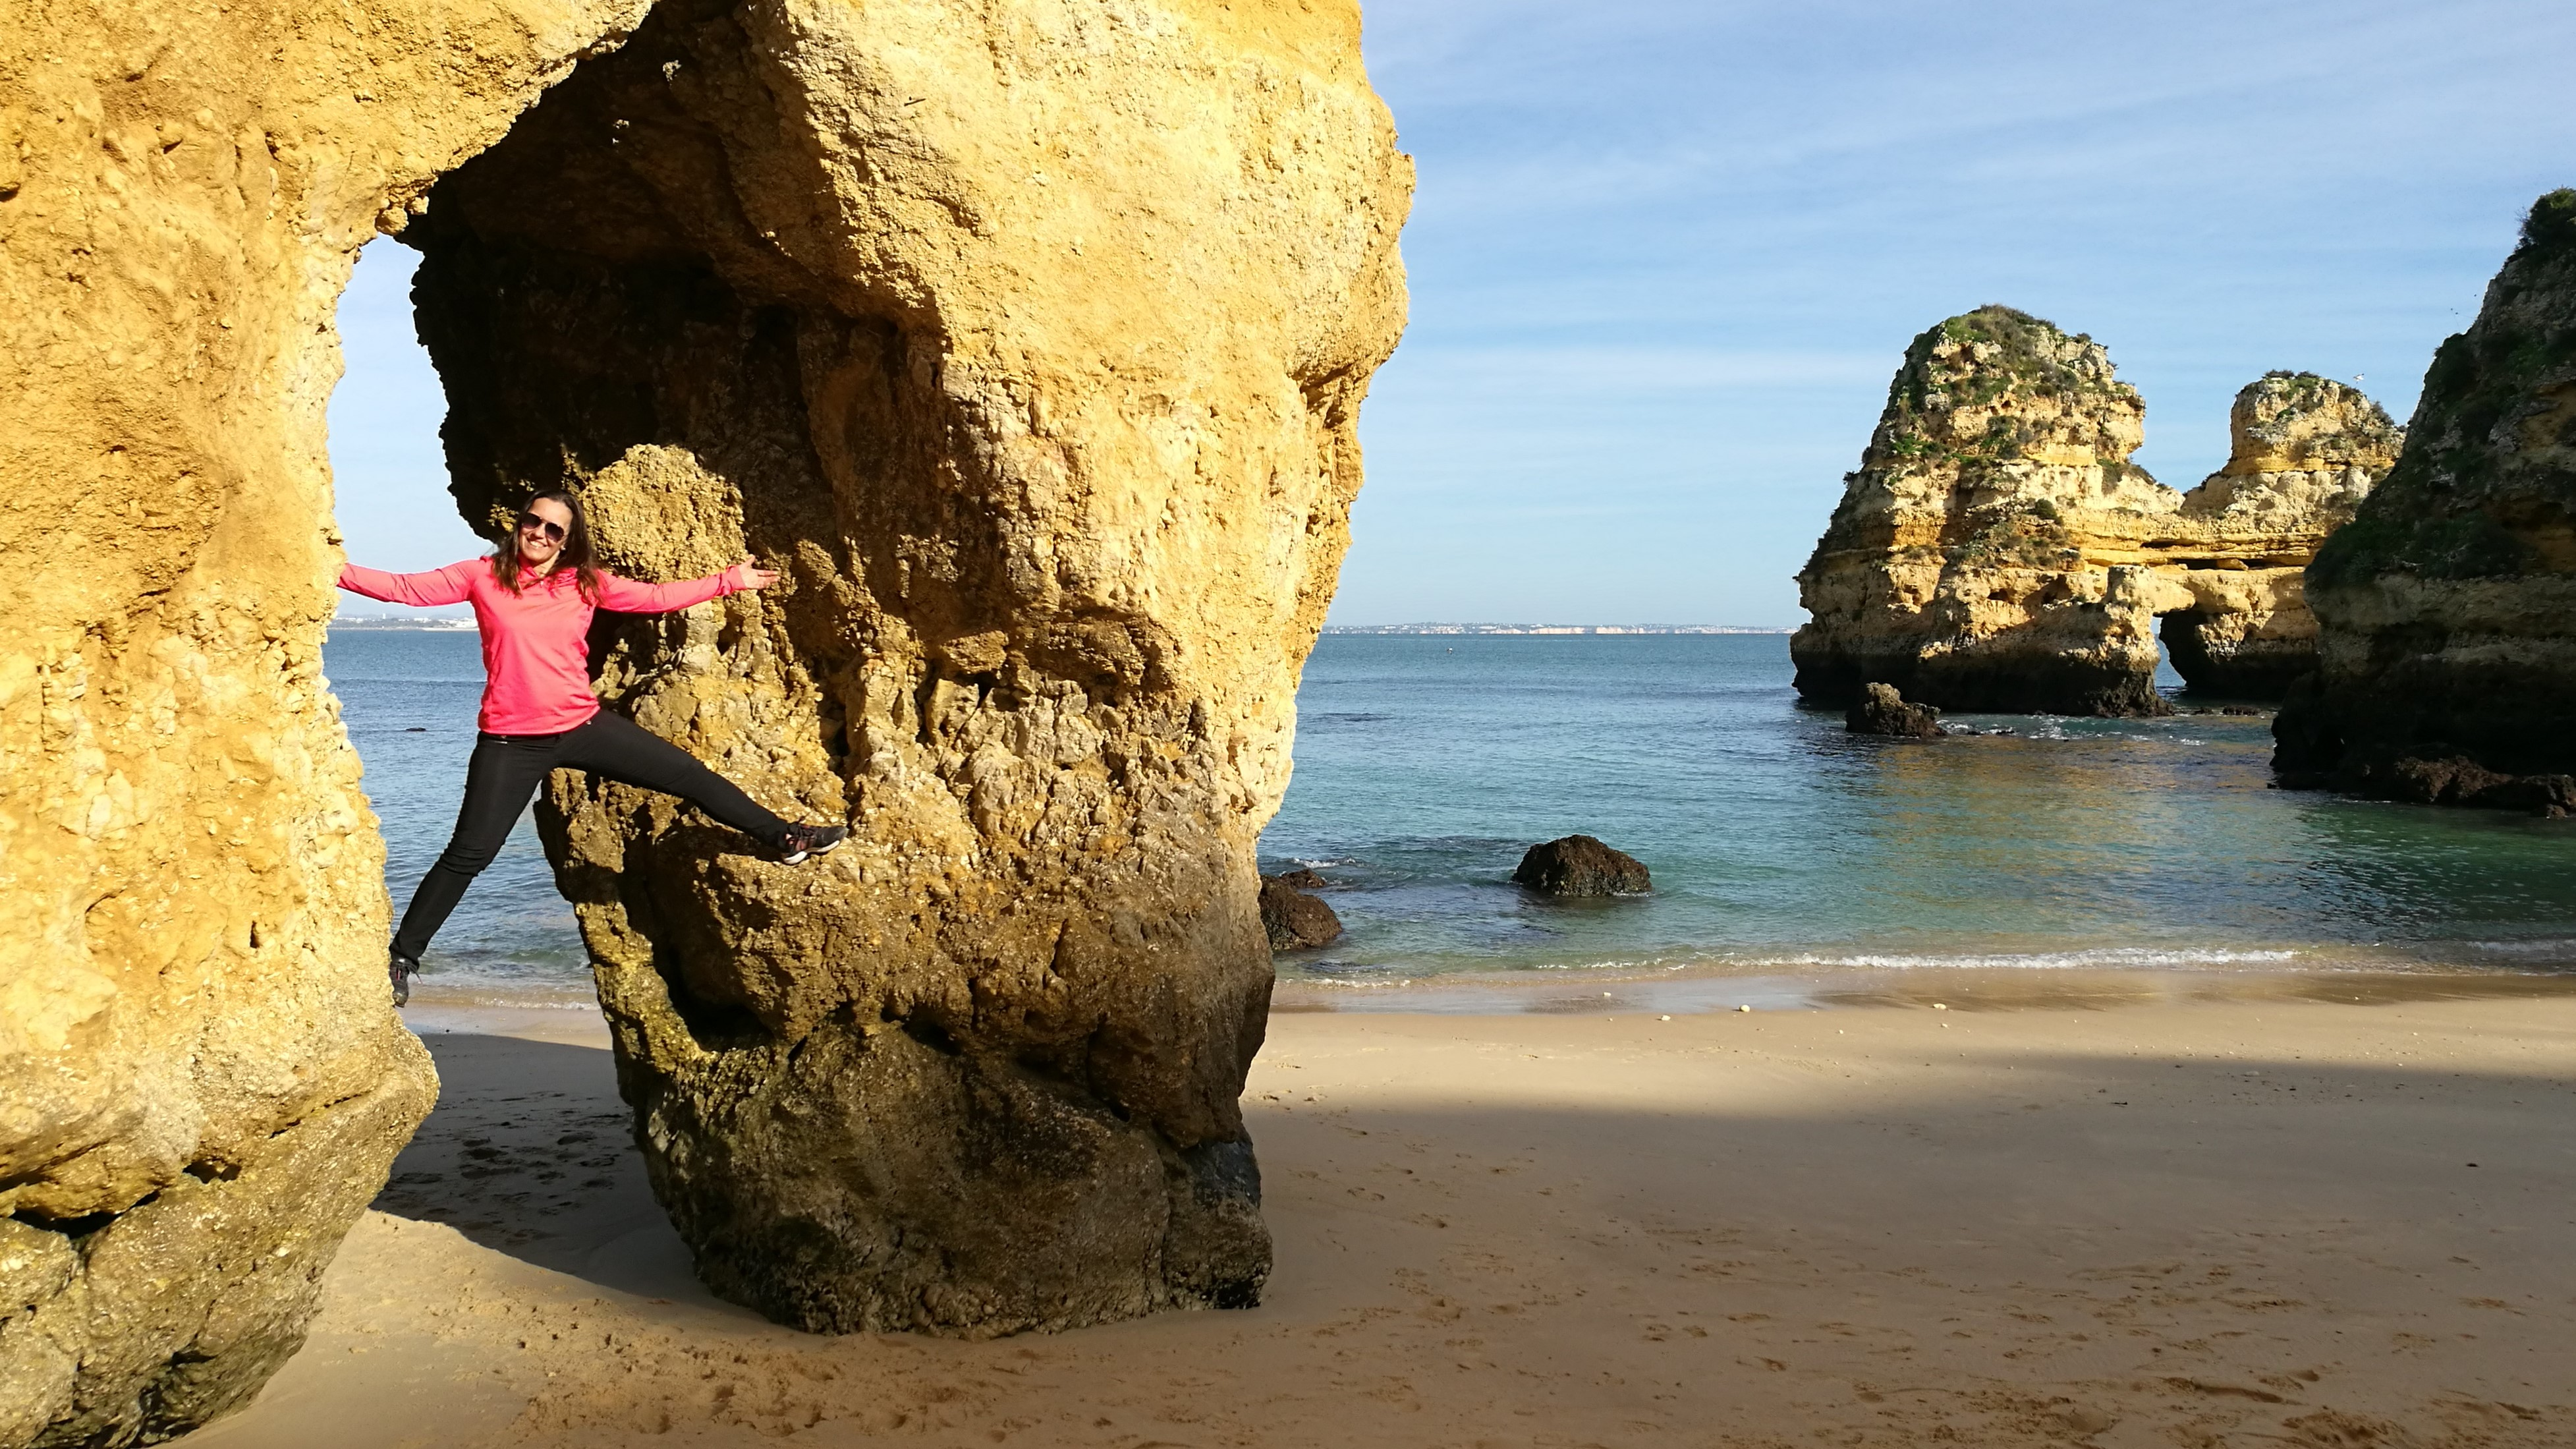 Die Hotspots zwischen Portimao und Lagos an der Algarve